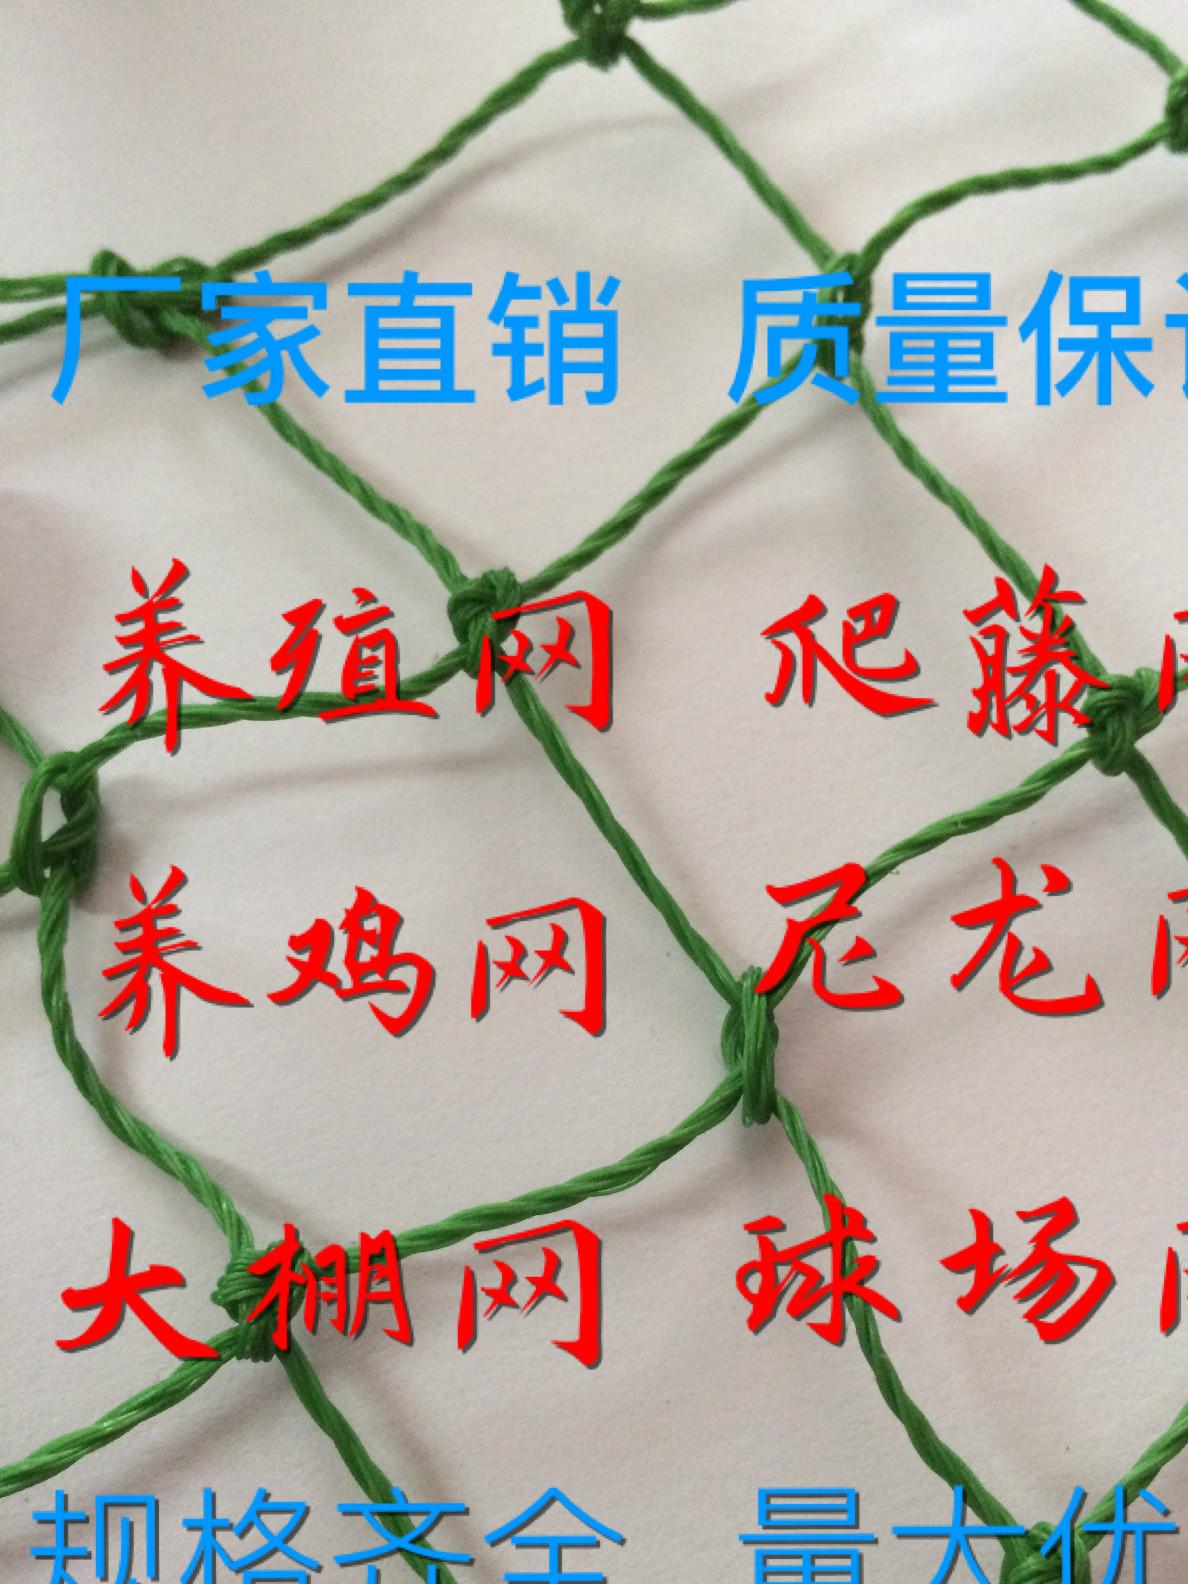 手工渔网 养殖网 安全绳网 防护网 尼龙绳网